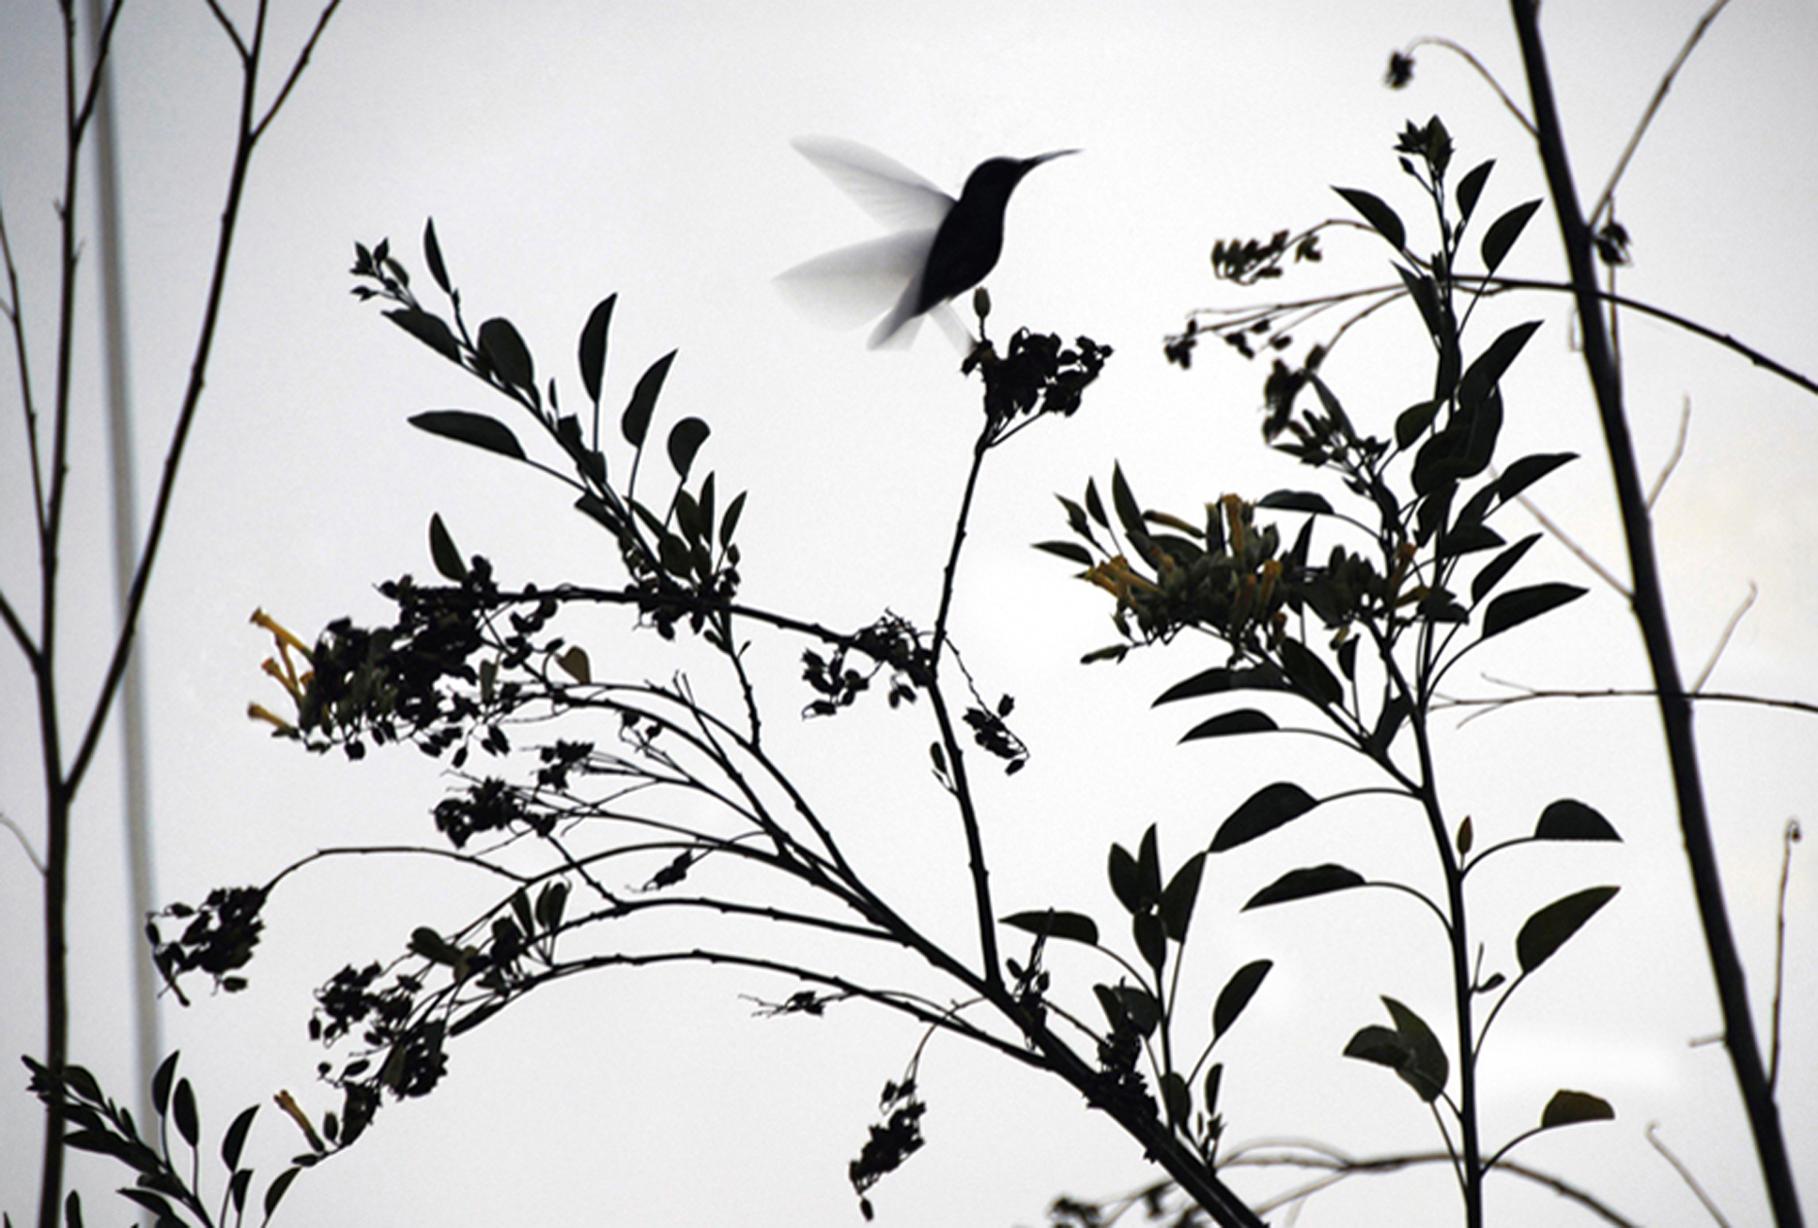 Hummingbird (2010) The Andes, Ecuador